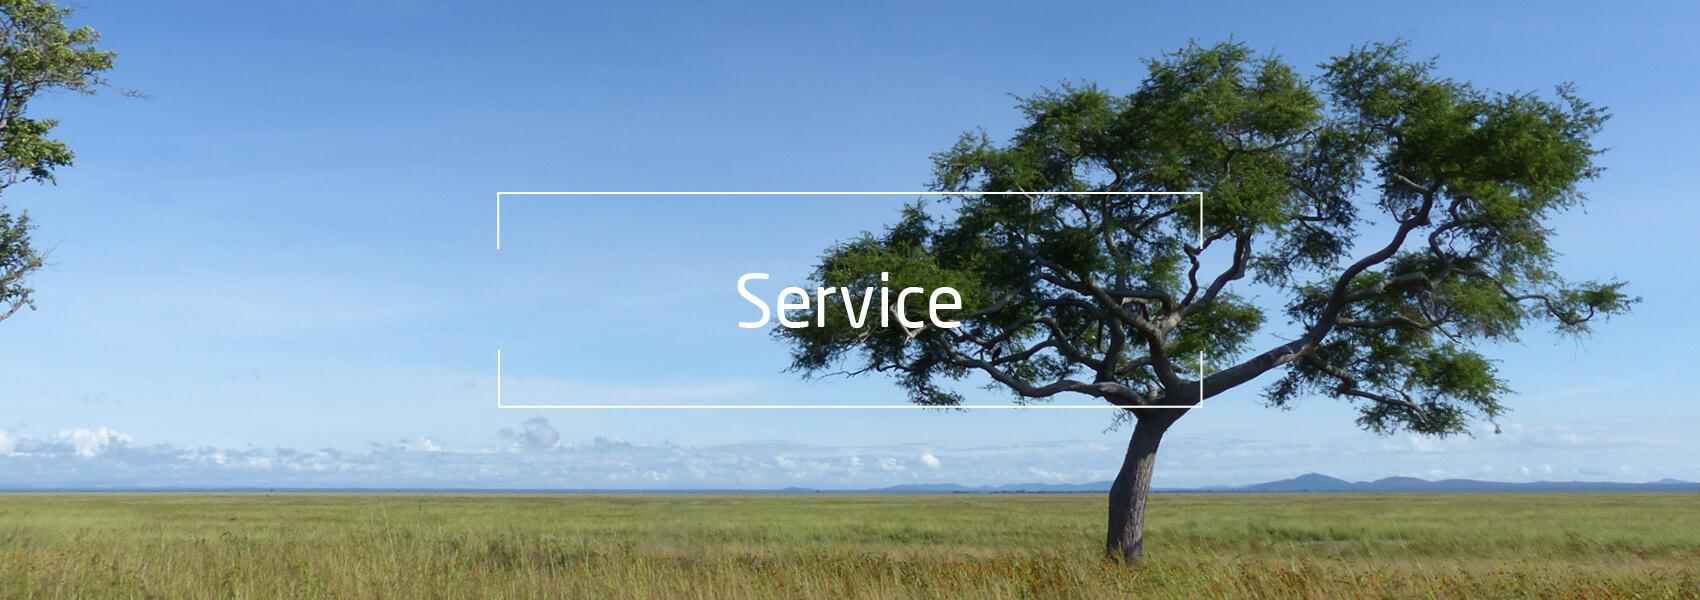 Landschaft Tansania, Text: Service